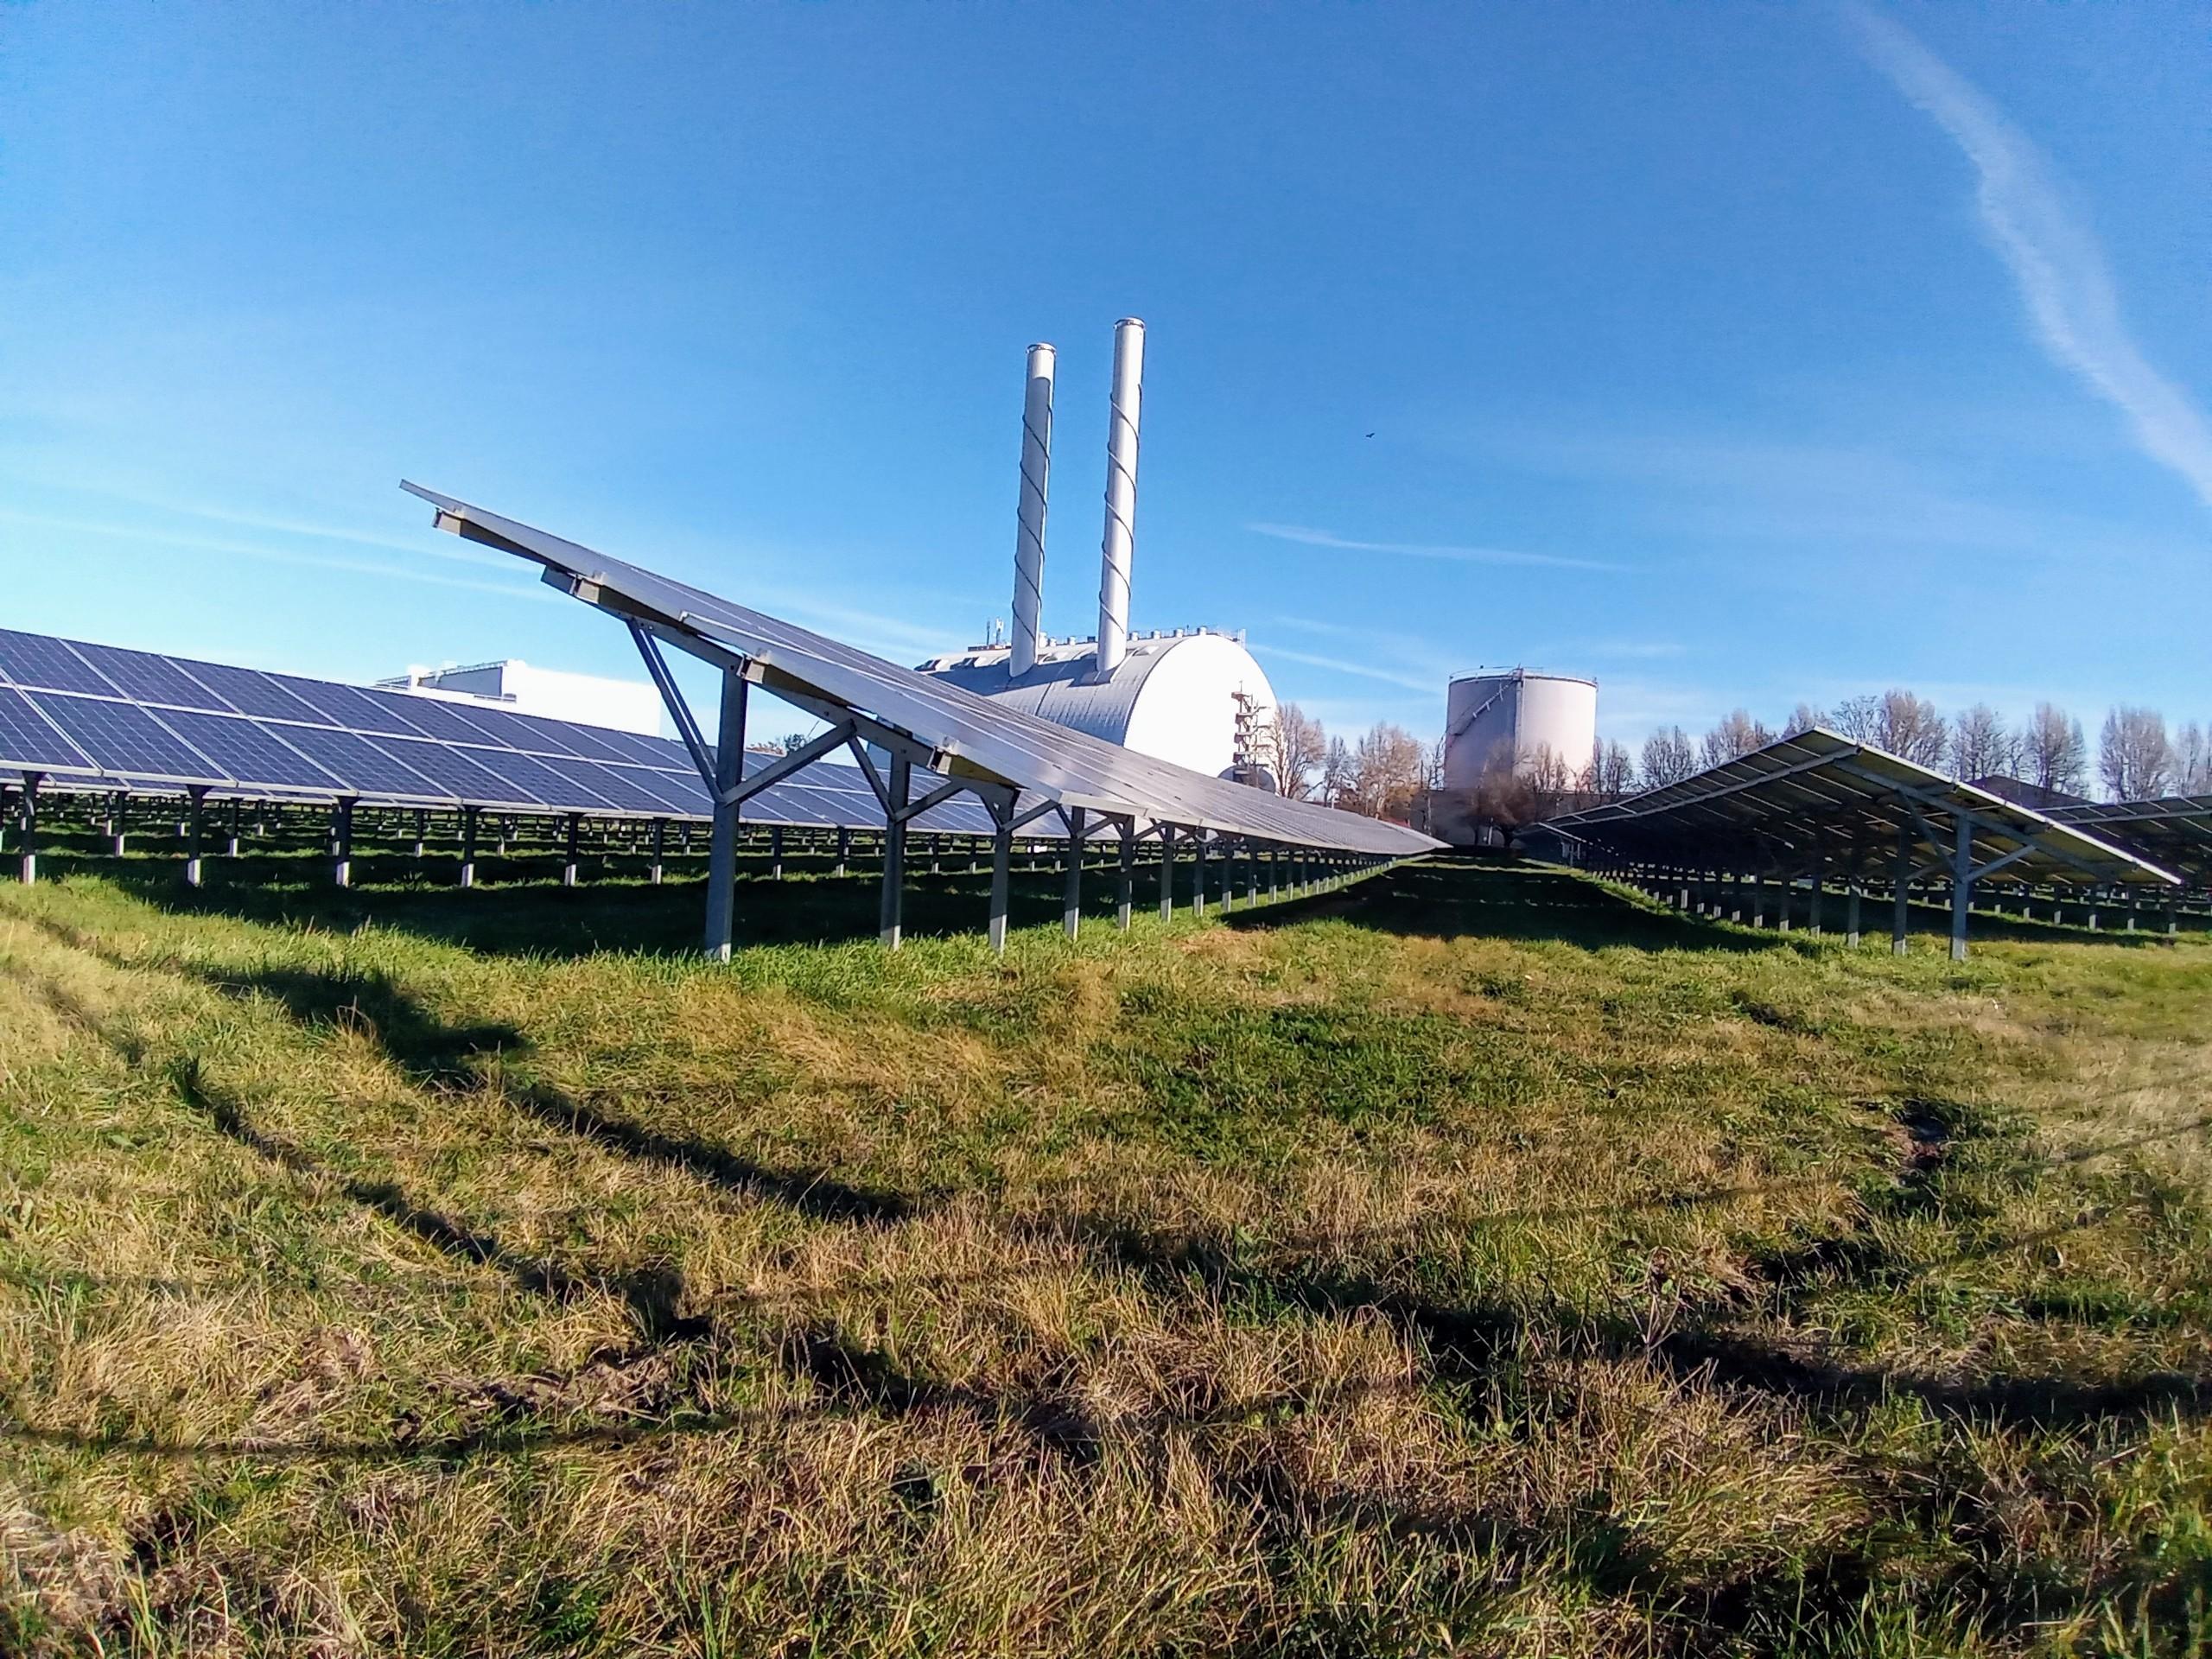 Hier wird für einen Teil der Wiener Haushalte nachhaltige Energie erzeugt.